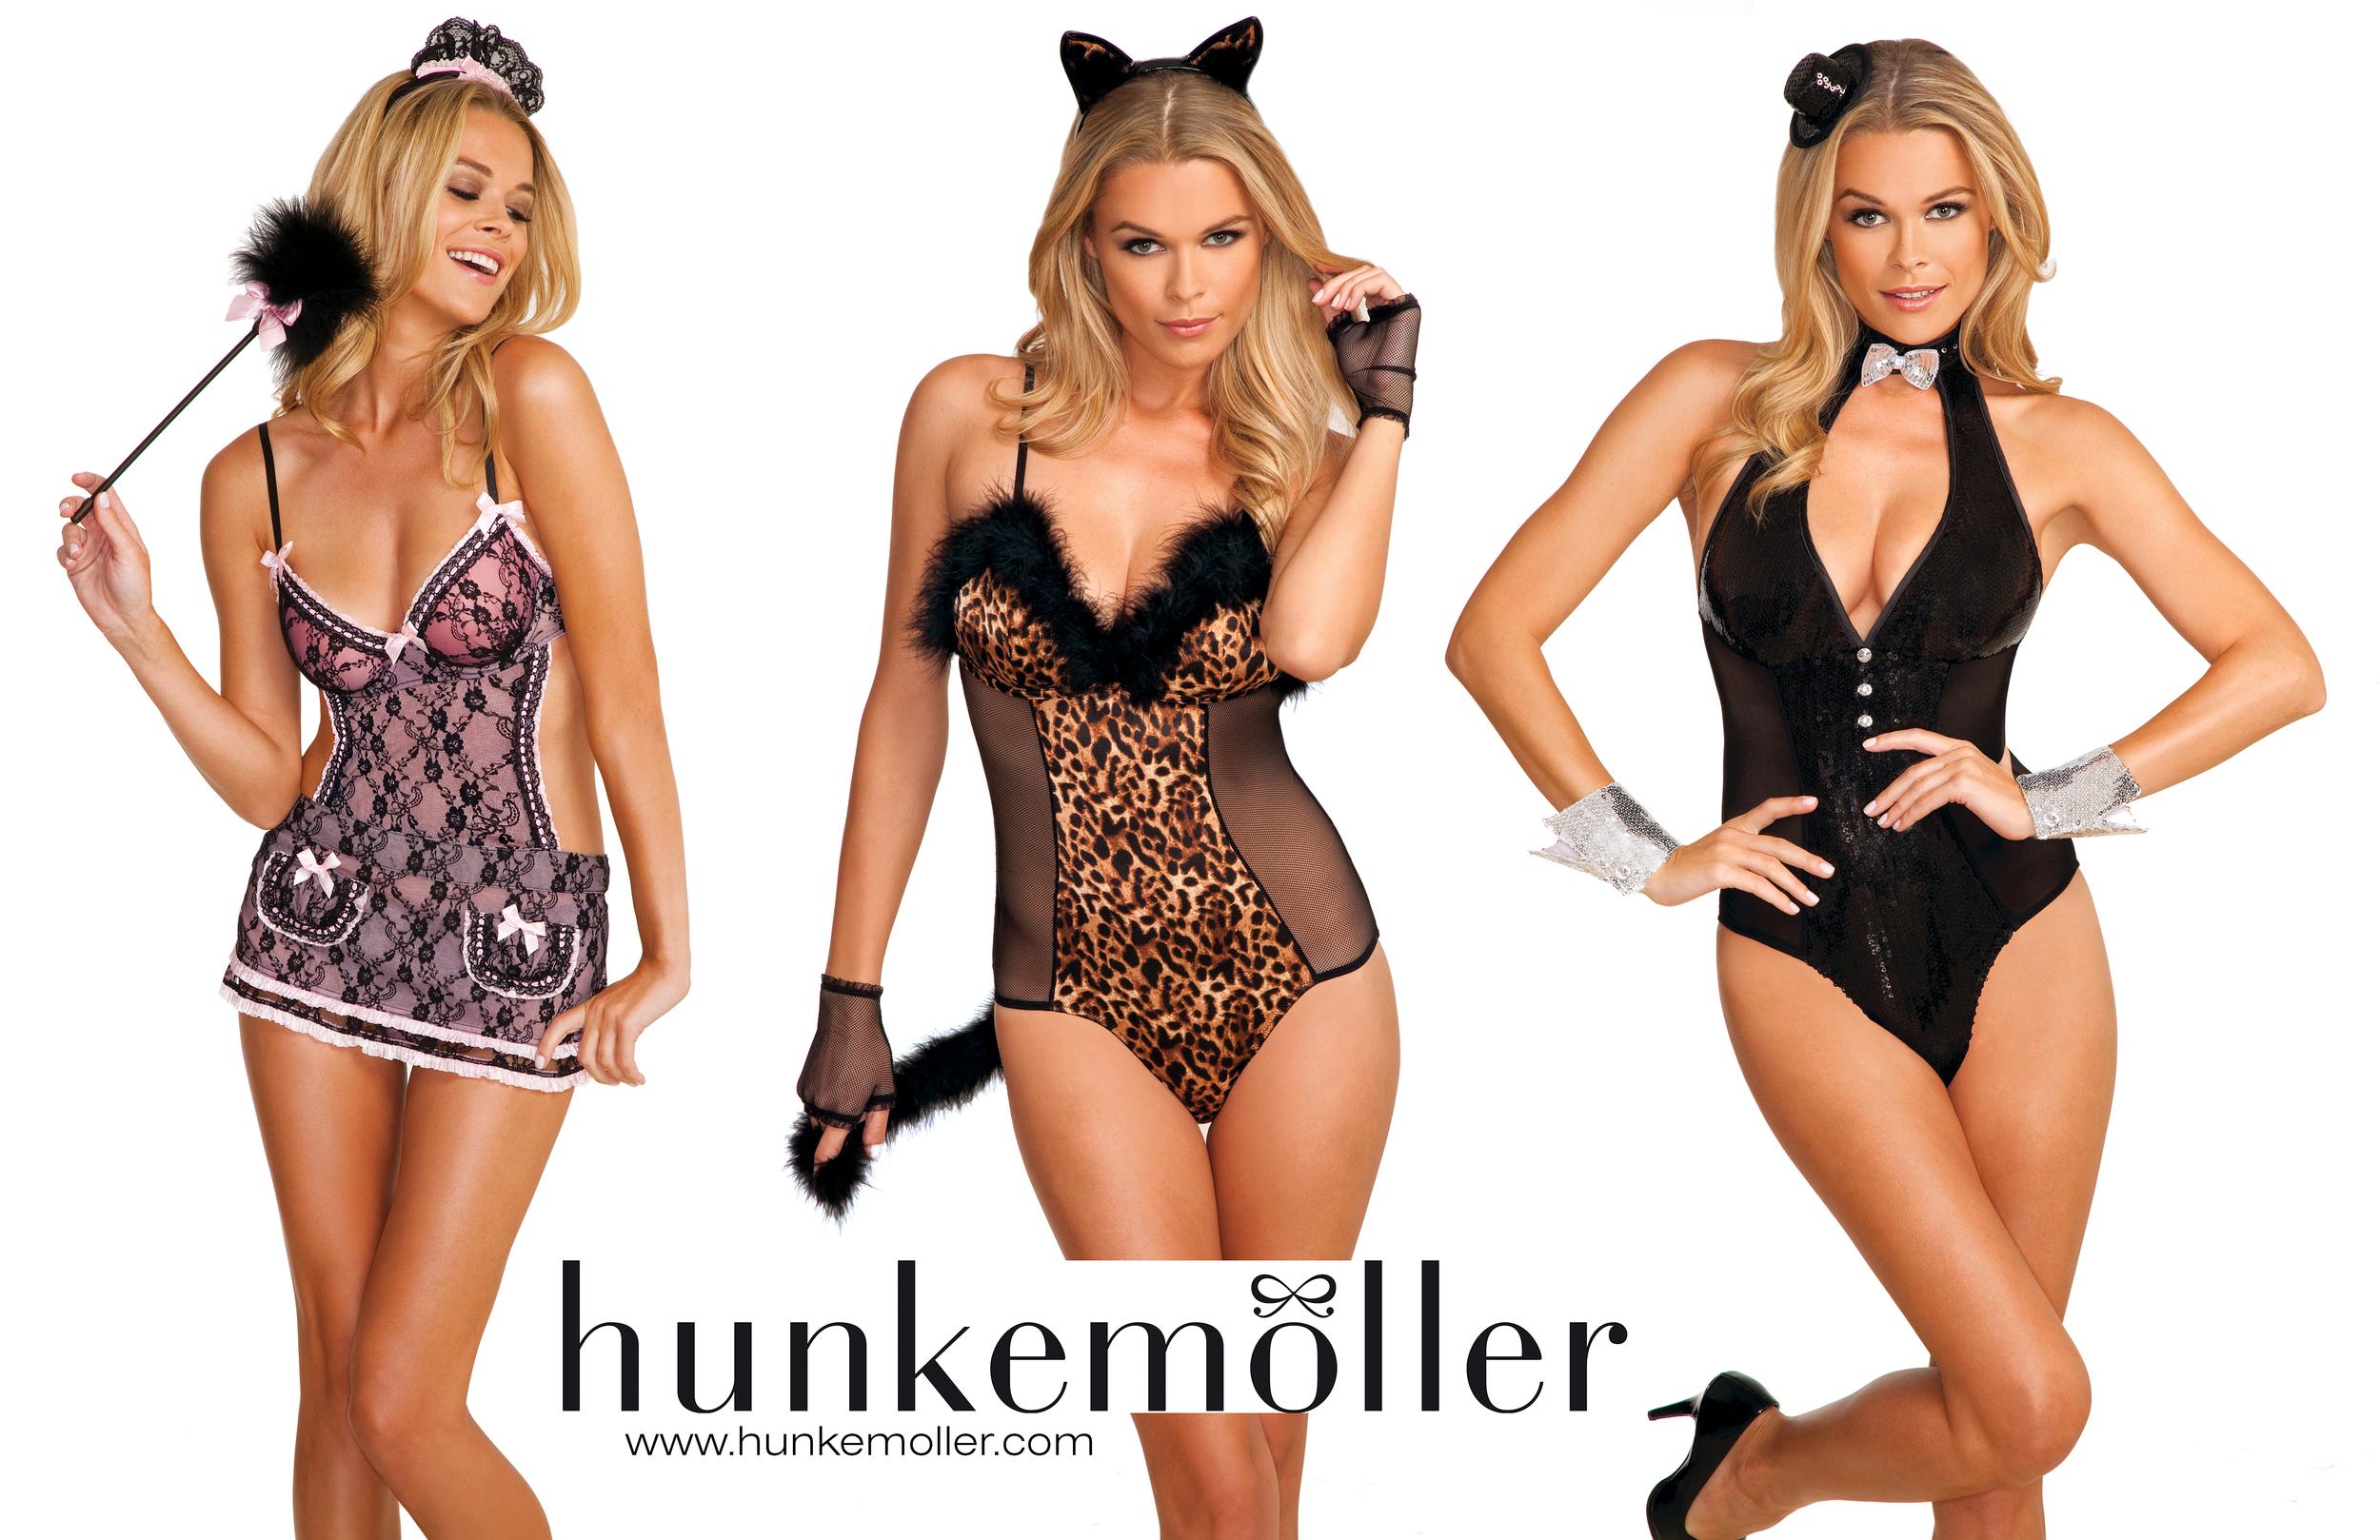 HunkeMoller